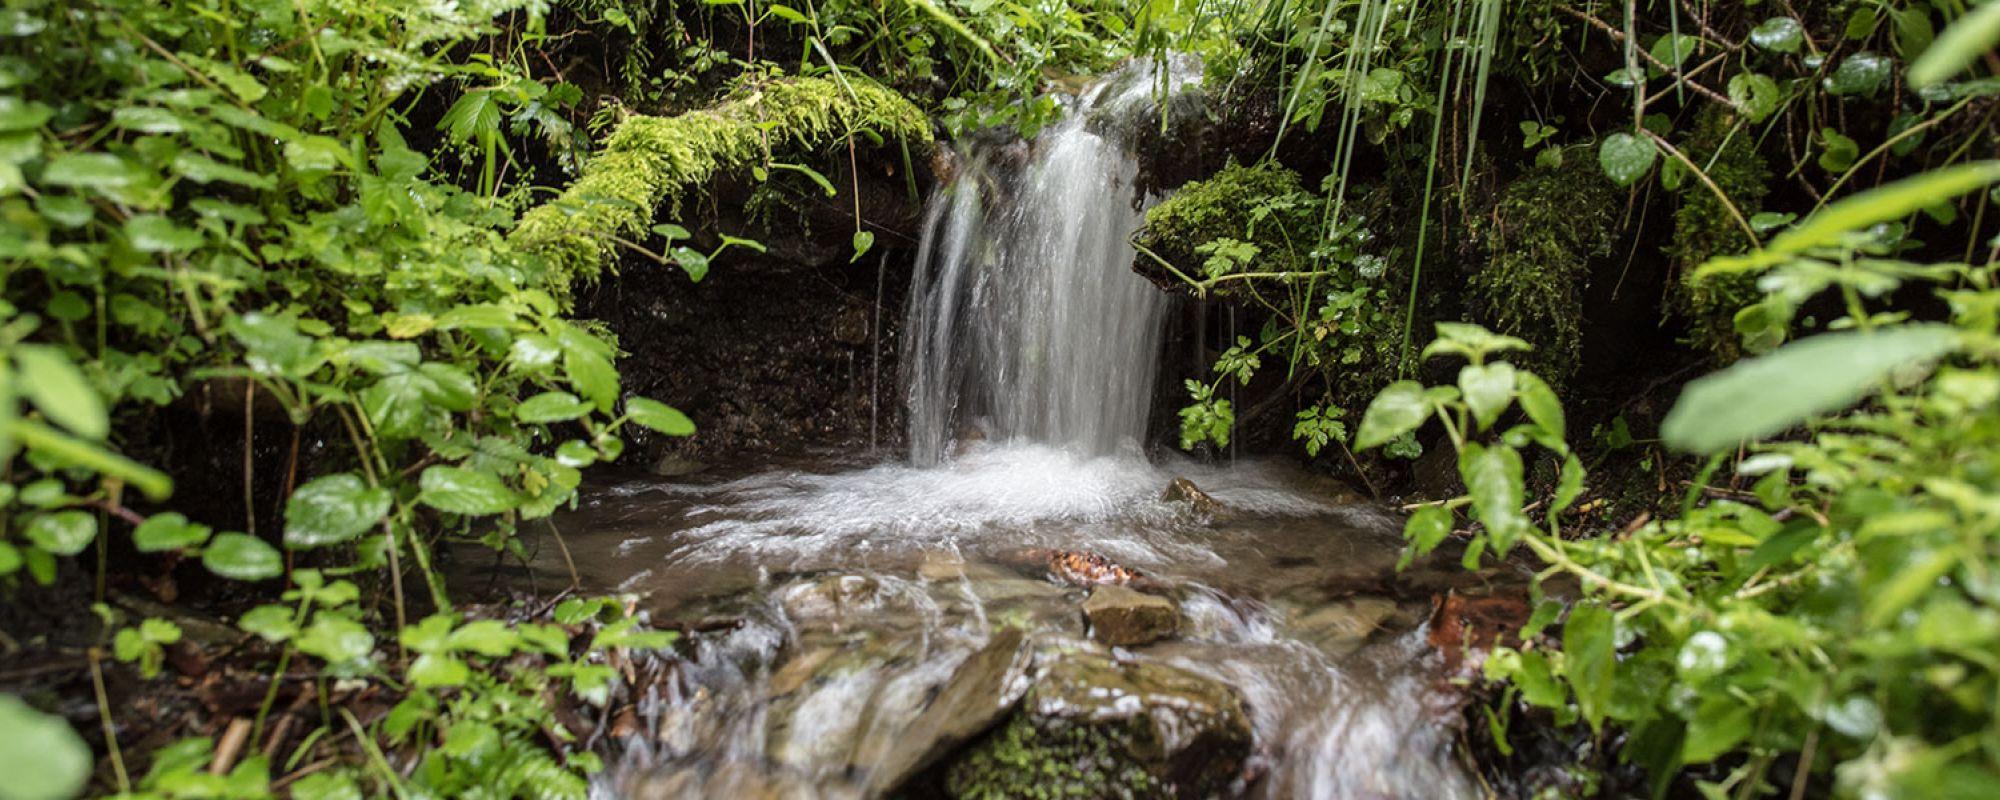 VILSA Quelle: eine sprudelnde Quelle im Wald